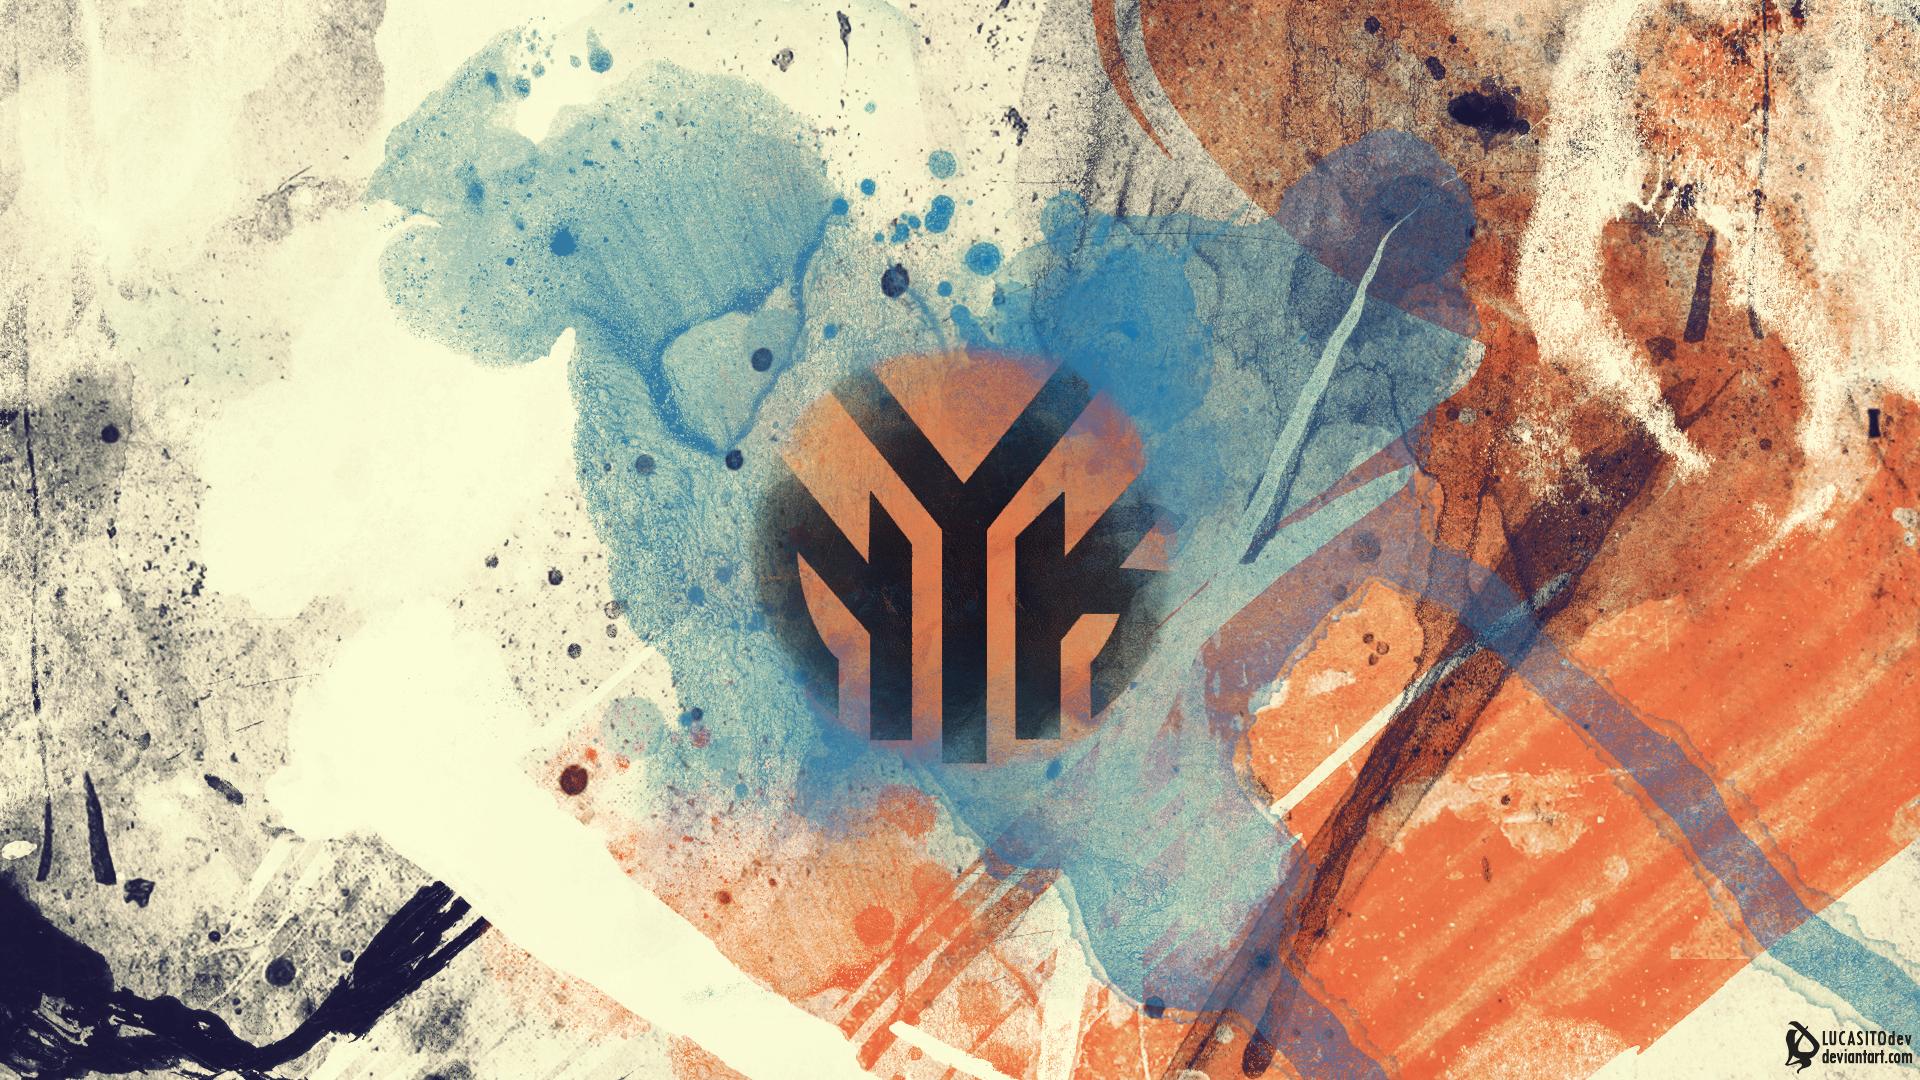 New York Knicks Wallpaper By Lucasitodesign On Deviantart